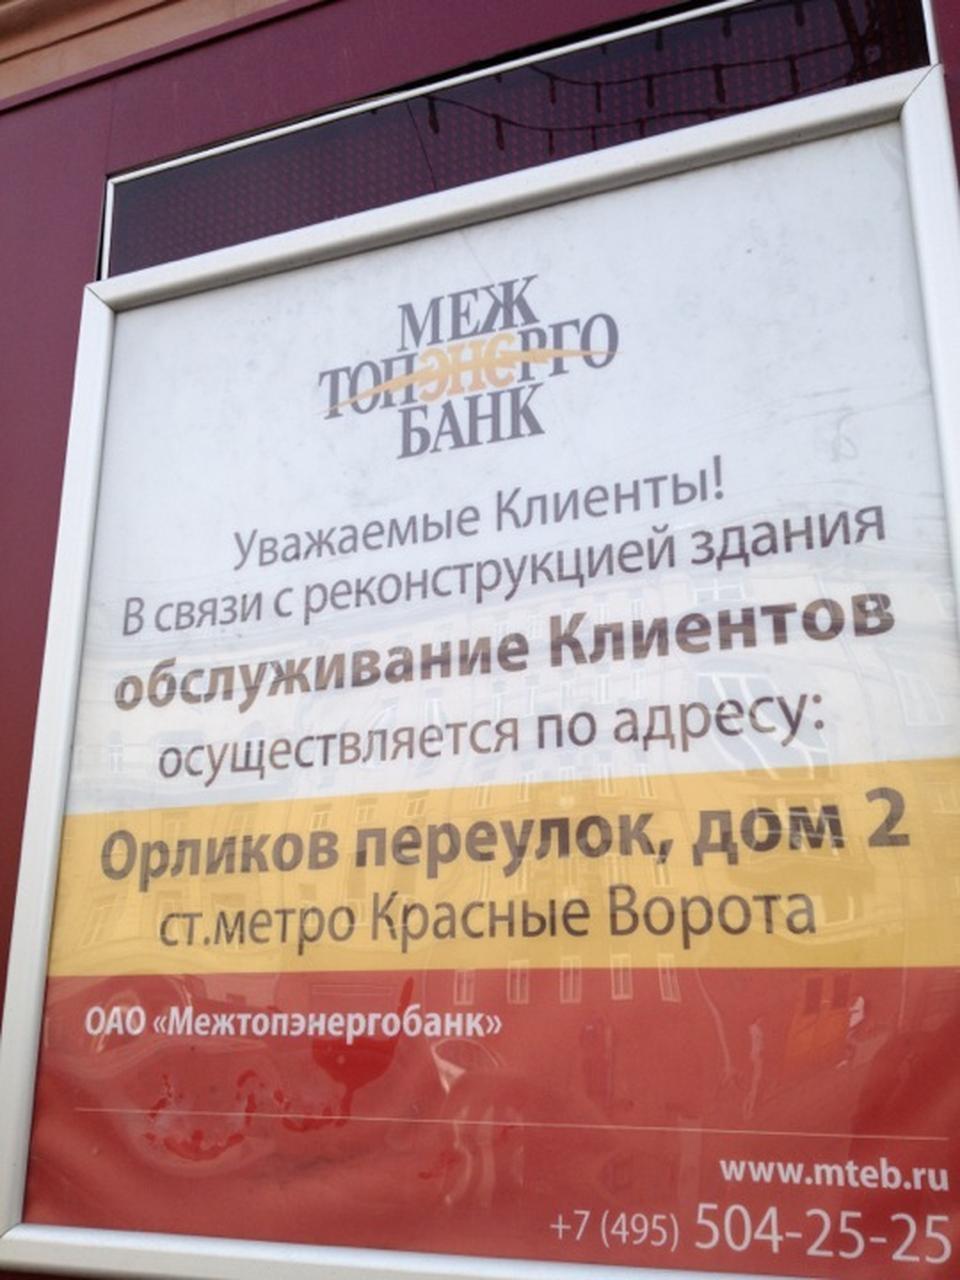 Межтопэнергобанк москва официальный сайт как на сайте сделать пробел в тексте